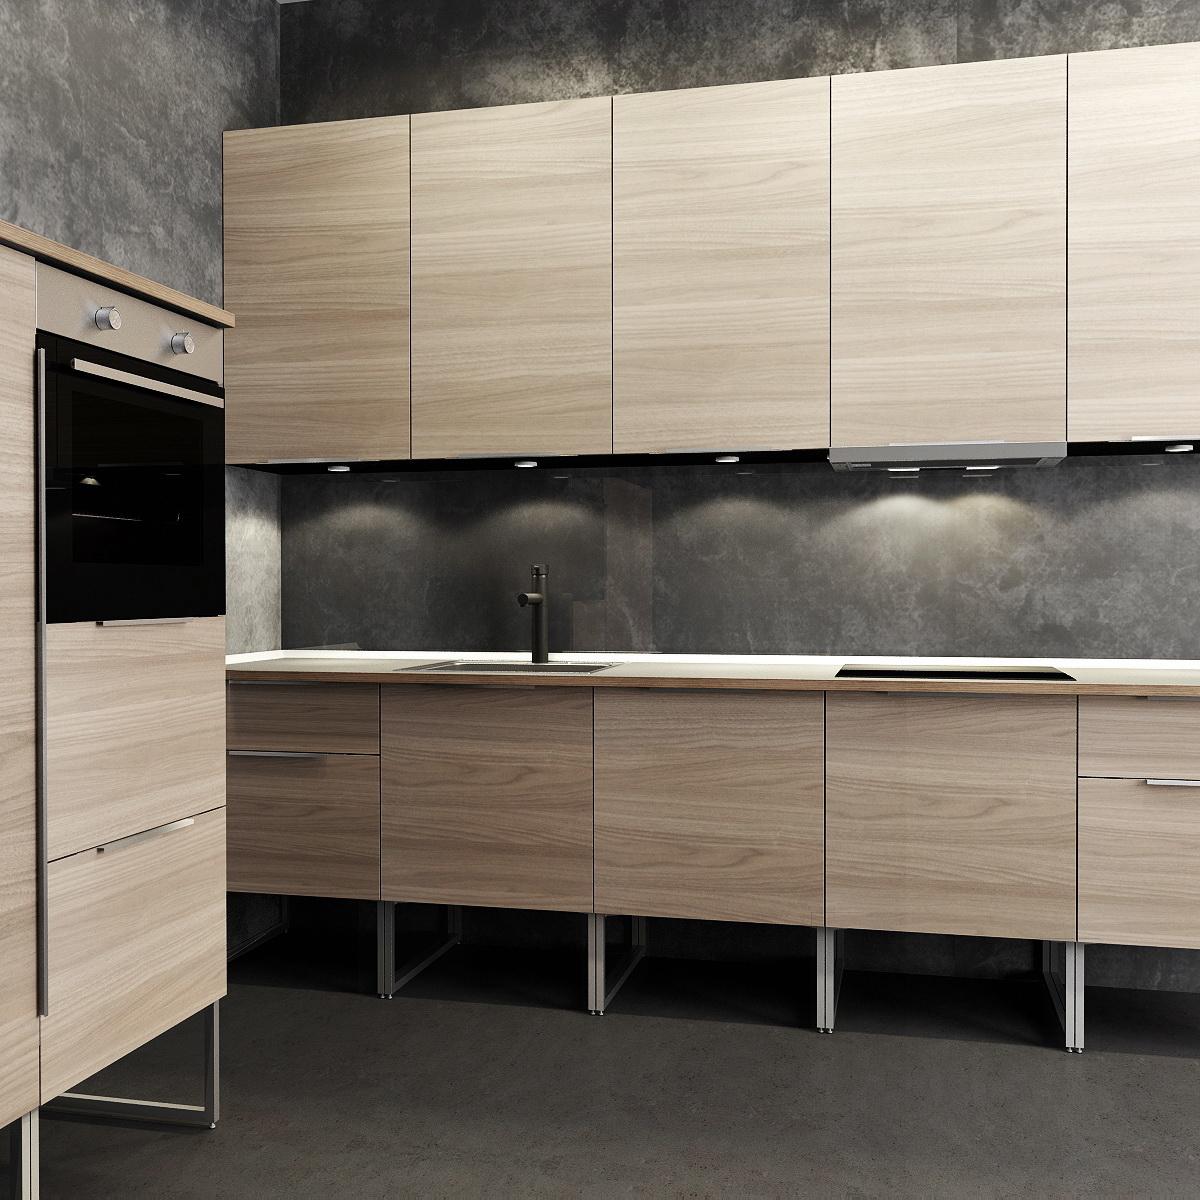 Ikea Method Brokhult Kitchen